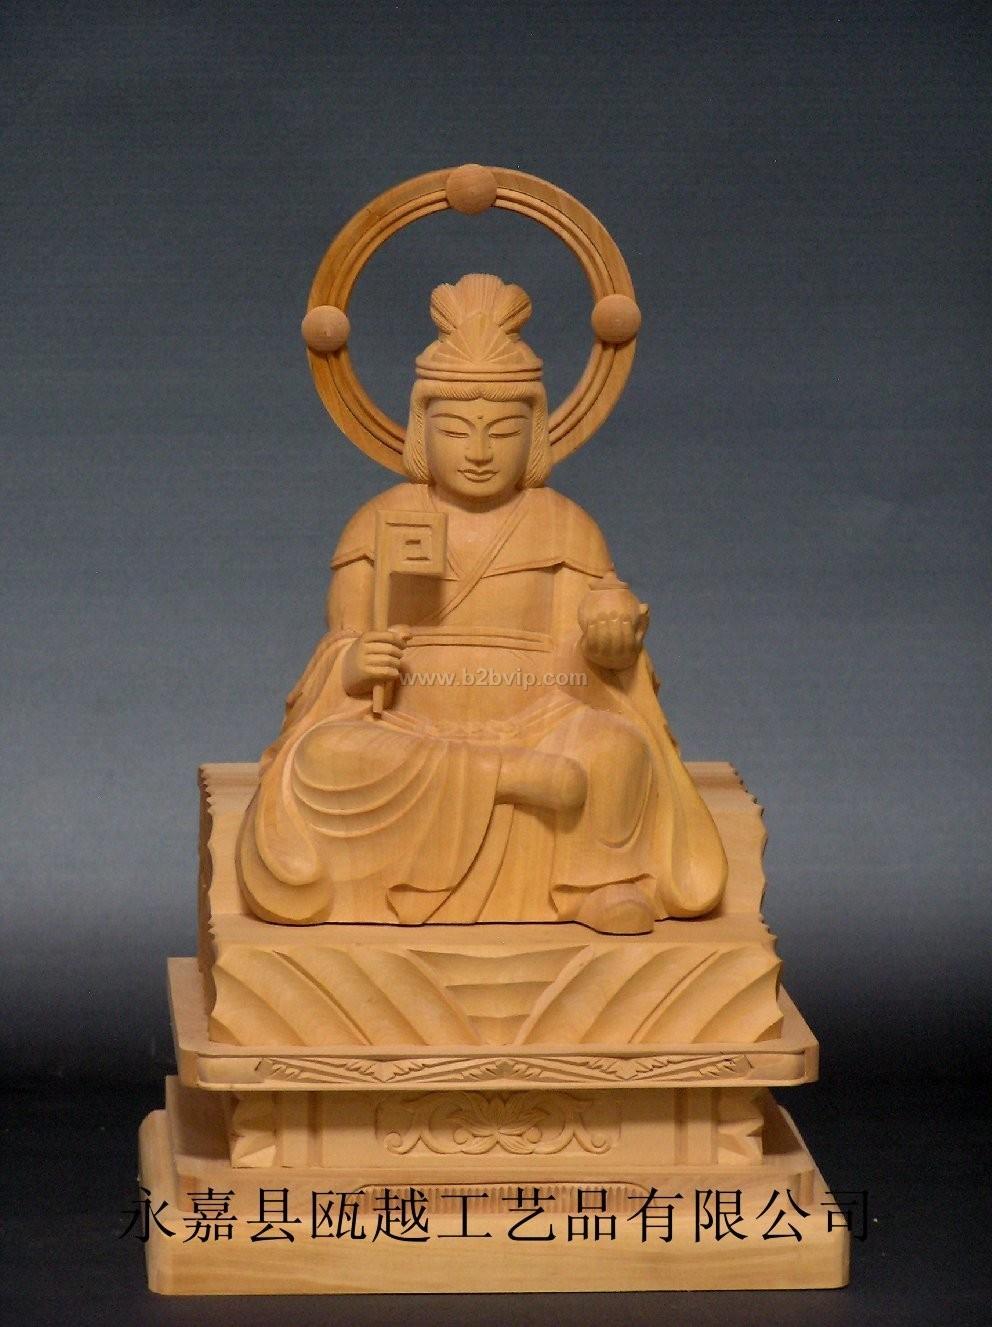 木雕佛像-七面大明神